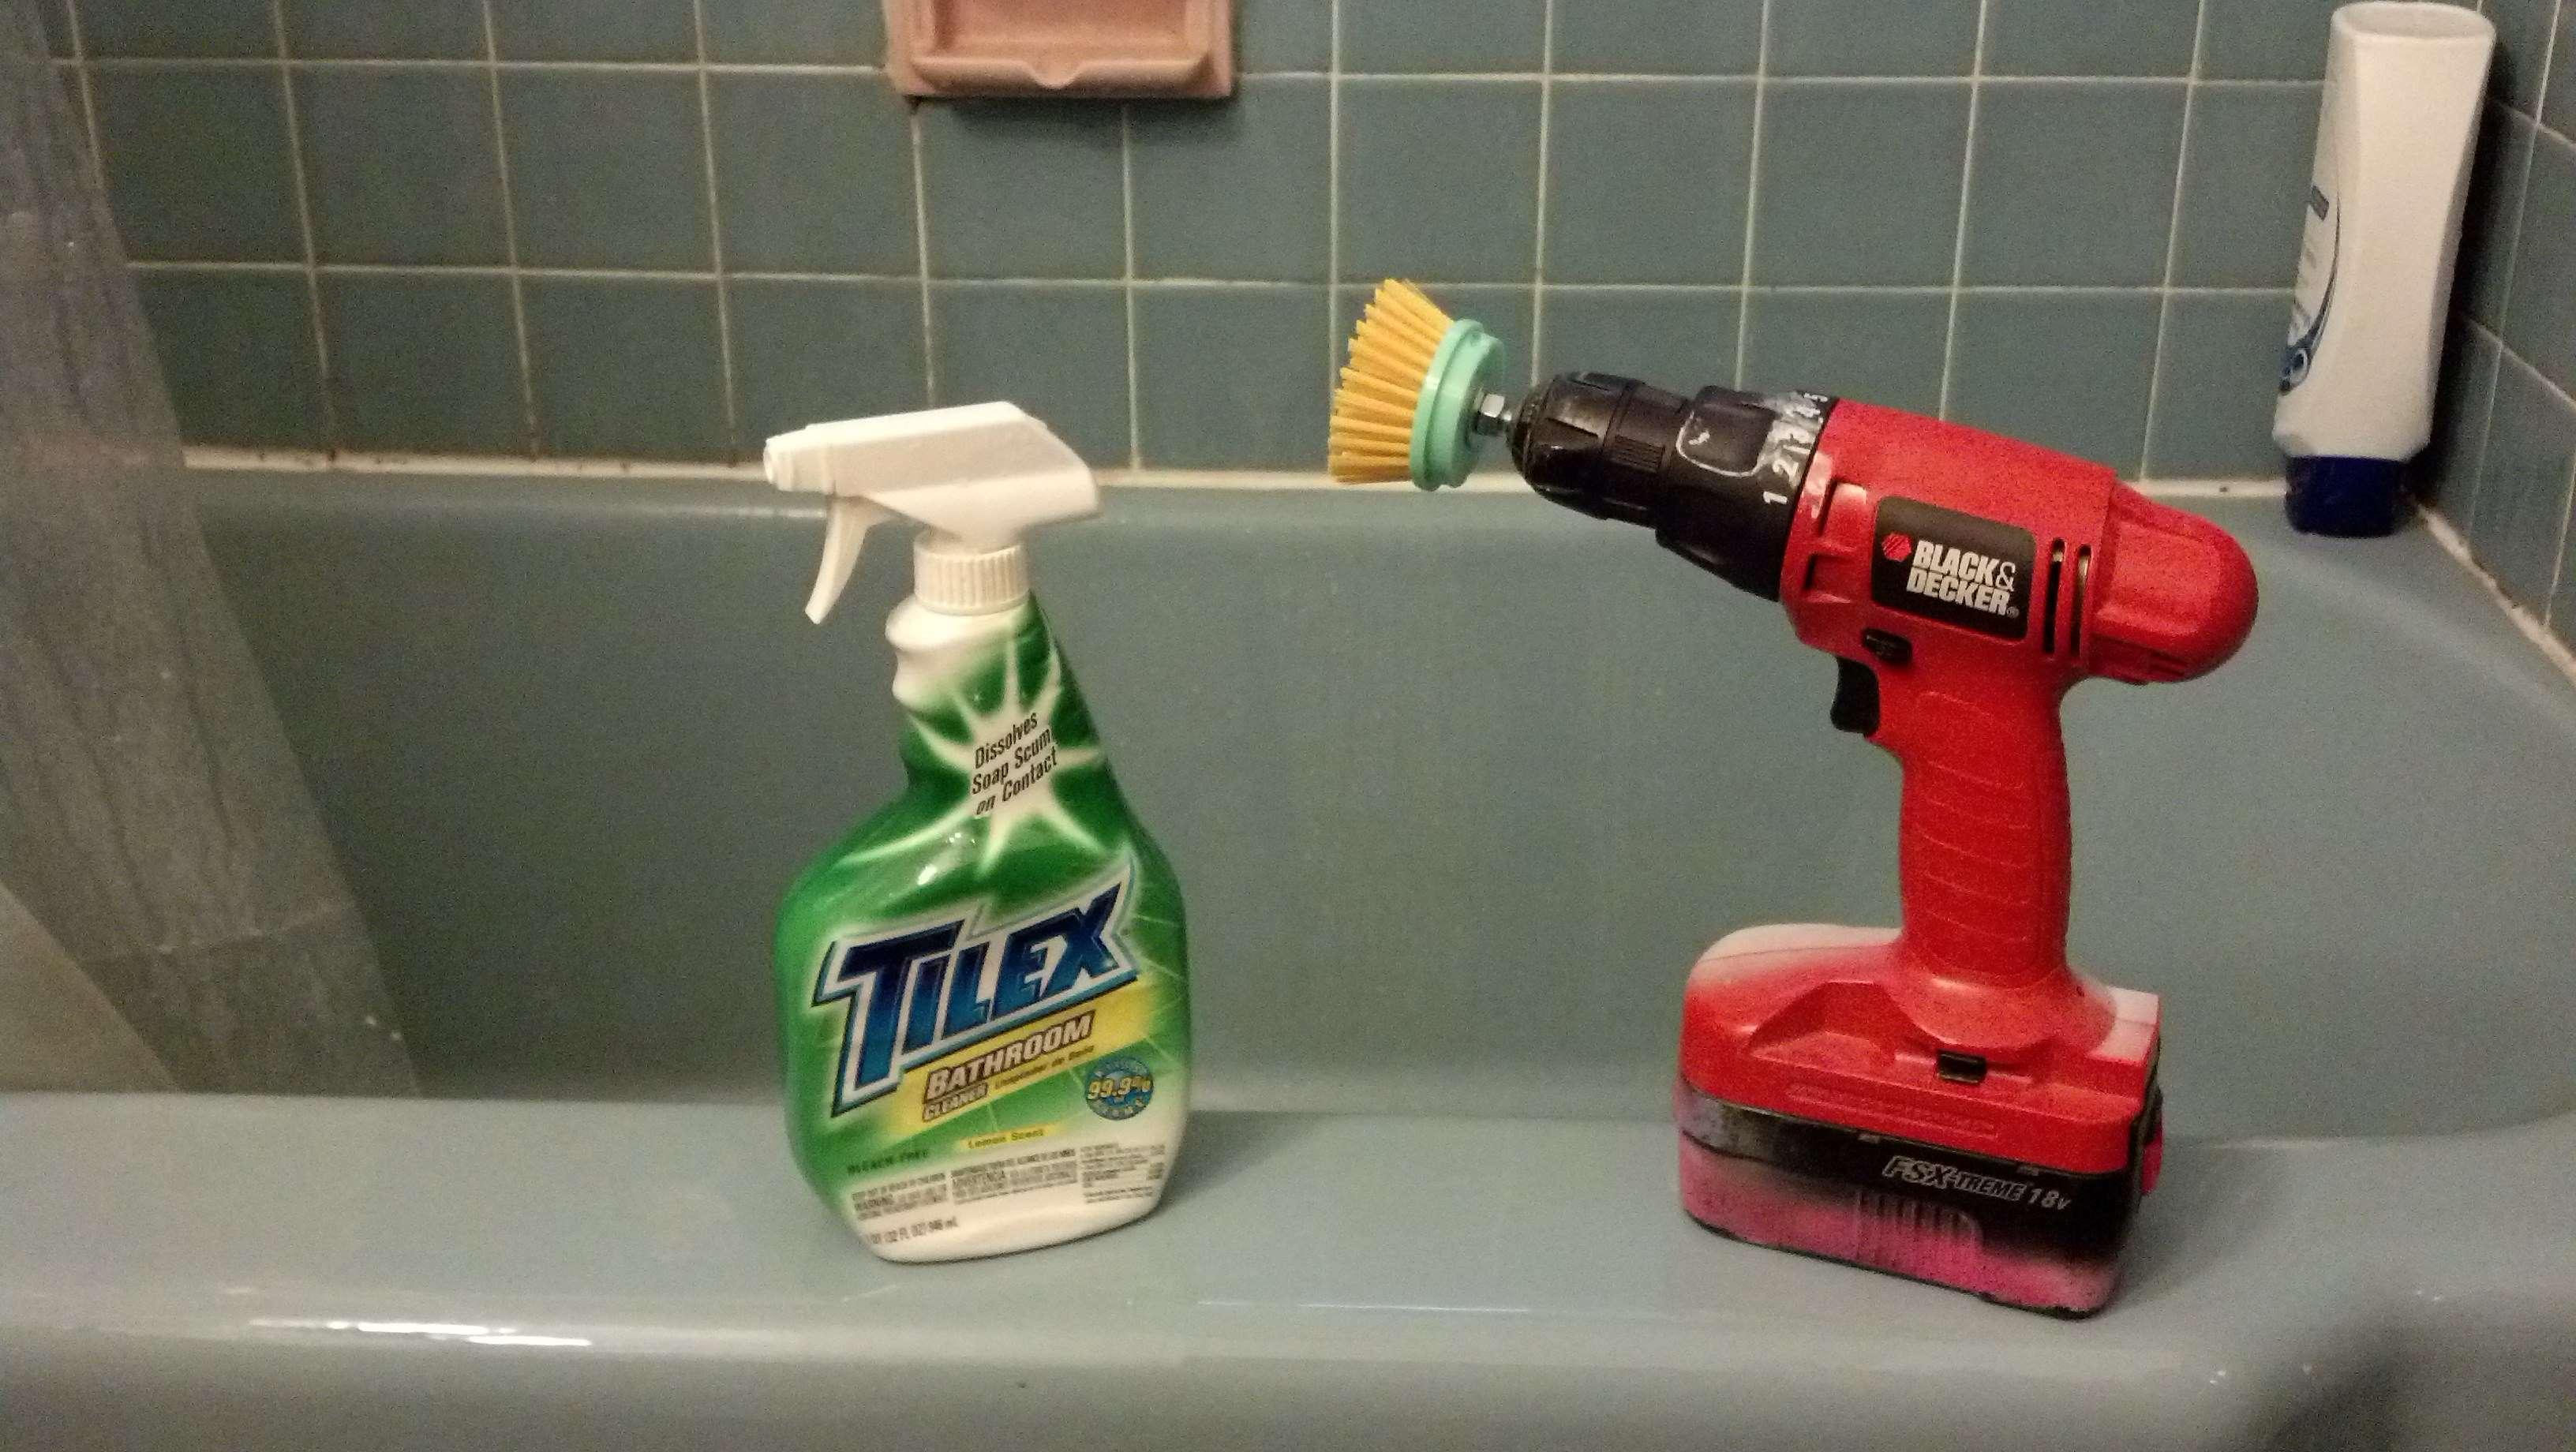 Scotch Brite Shower  u0026amp  Bath Scrubber  1 Pack Walmart. Best Bathtub Cleaning Brush   Rukinet com